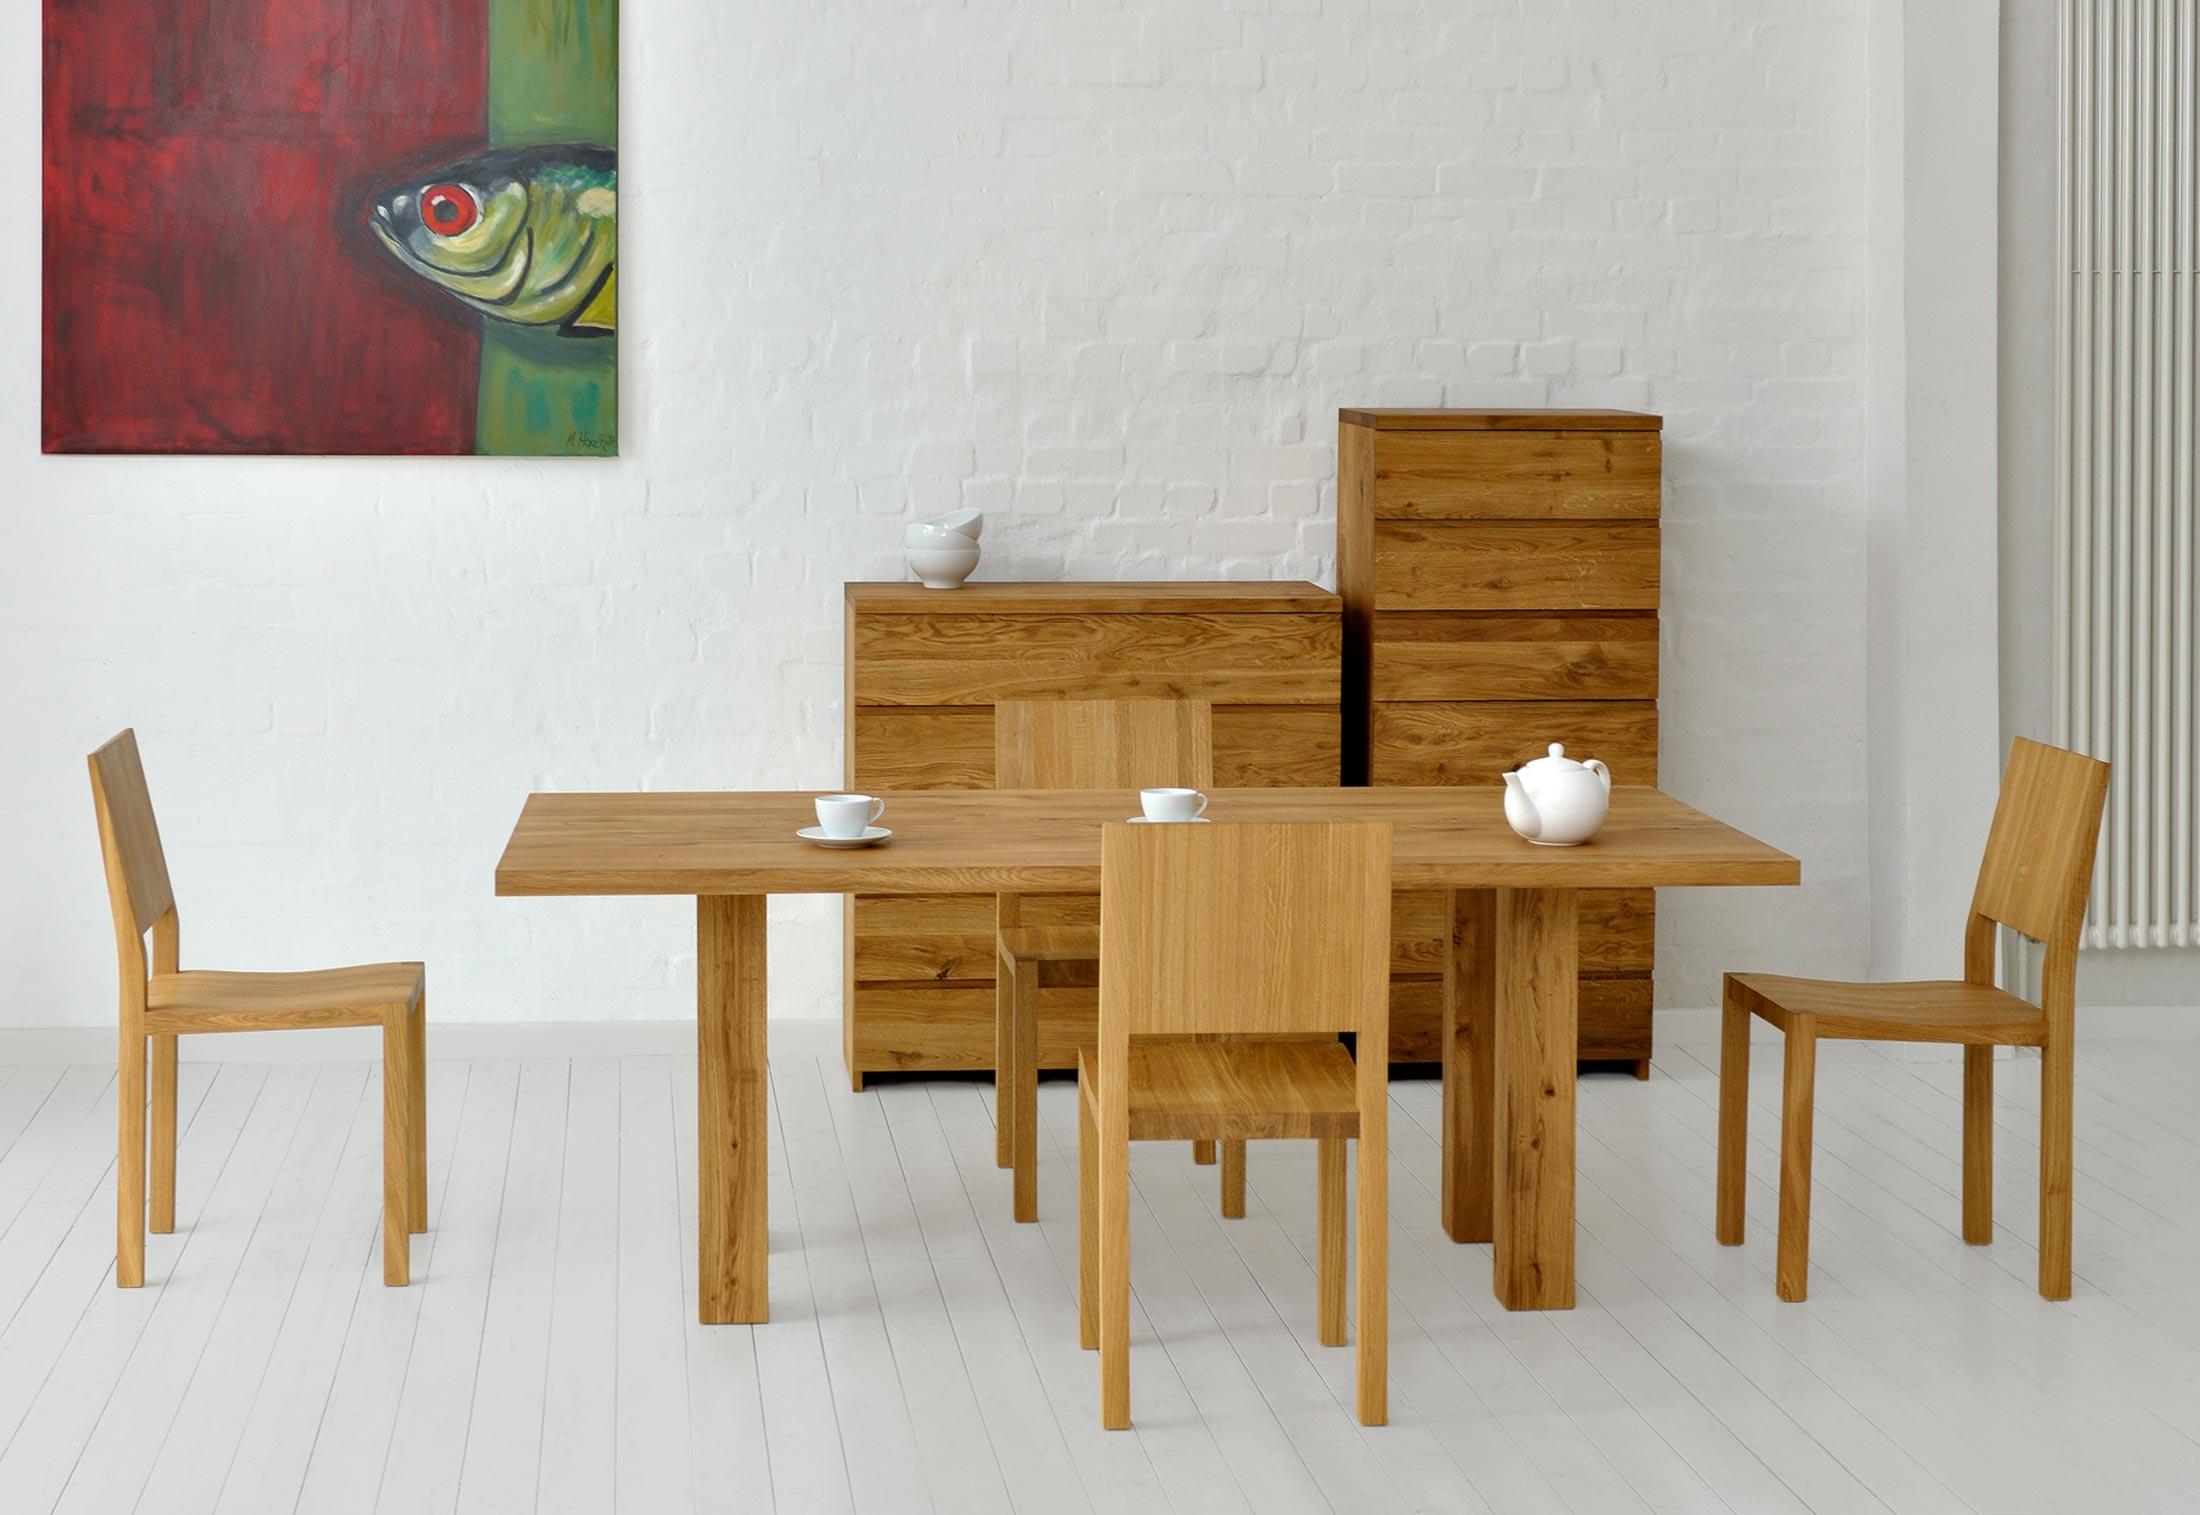 Duck tisch von vitamin design stylepark for Tisch vitamin design